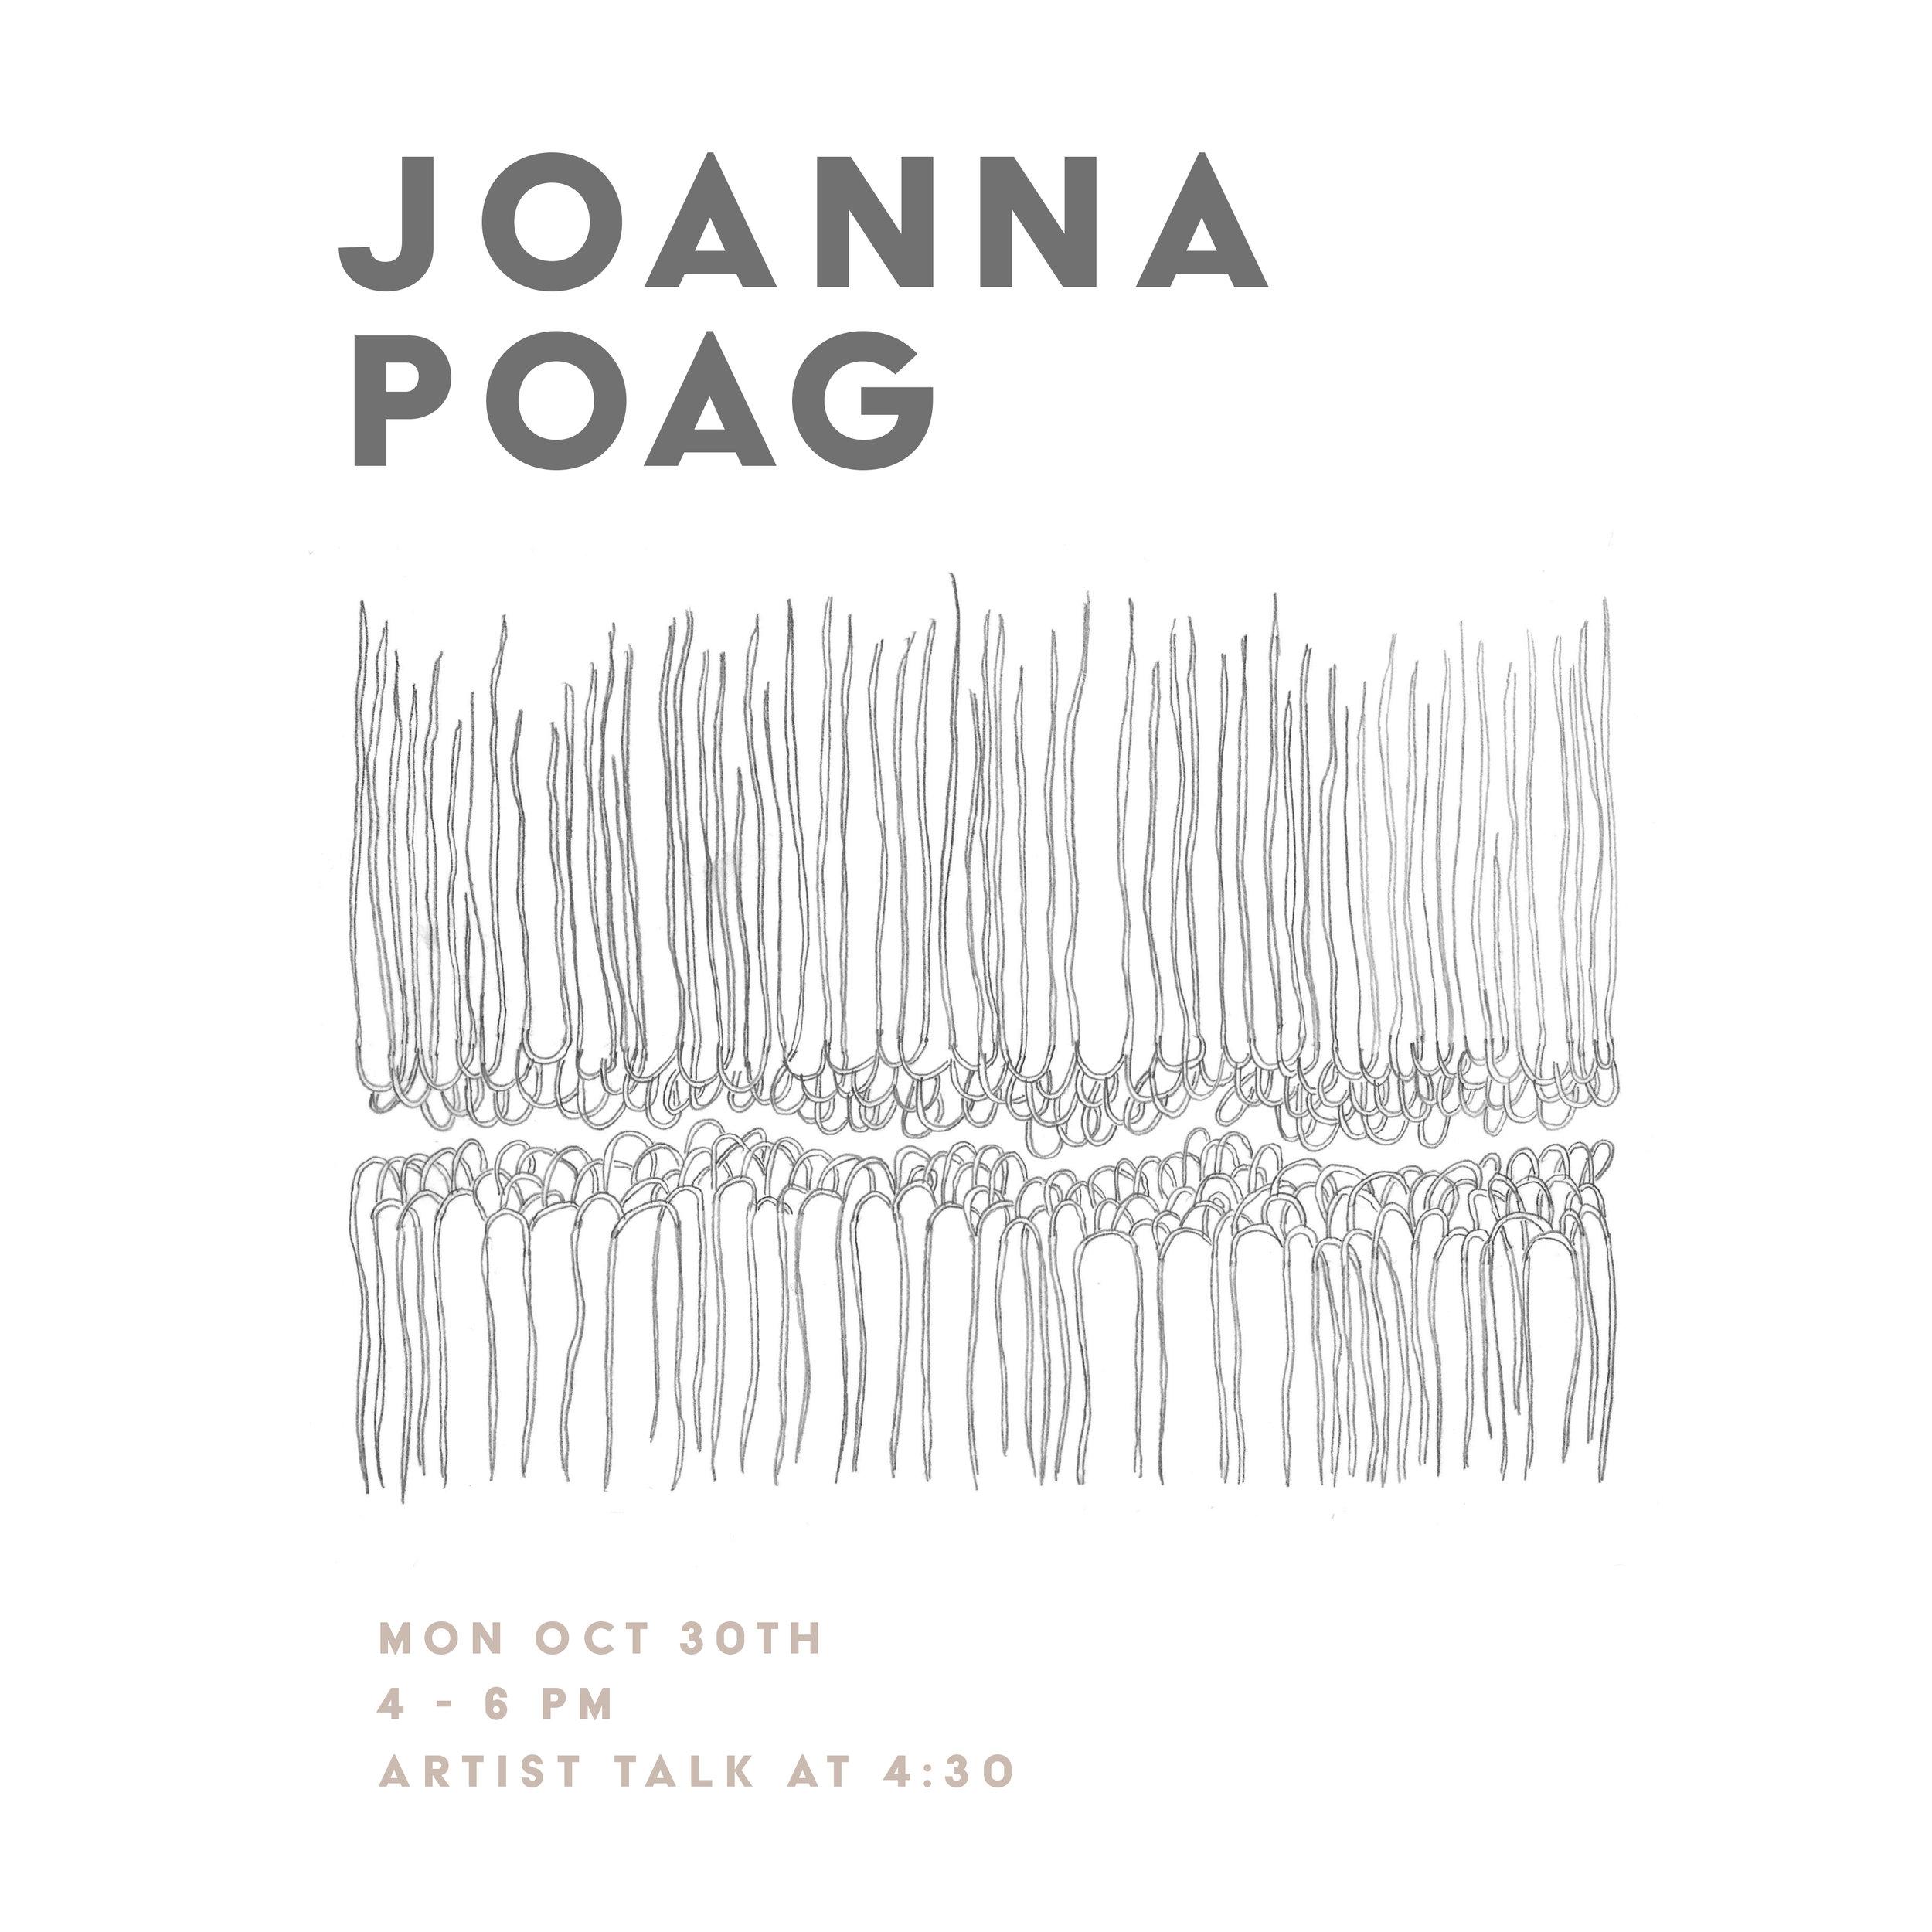 STUDIES IN ENTROPY - JOANNA POAGNOVEMBER 2018